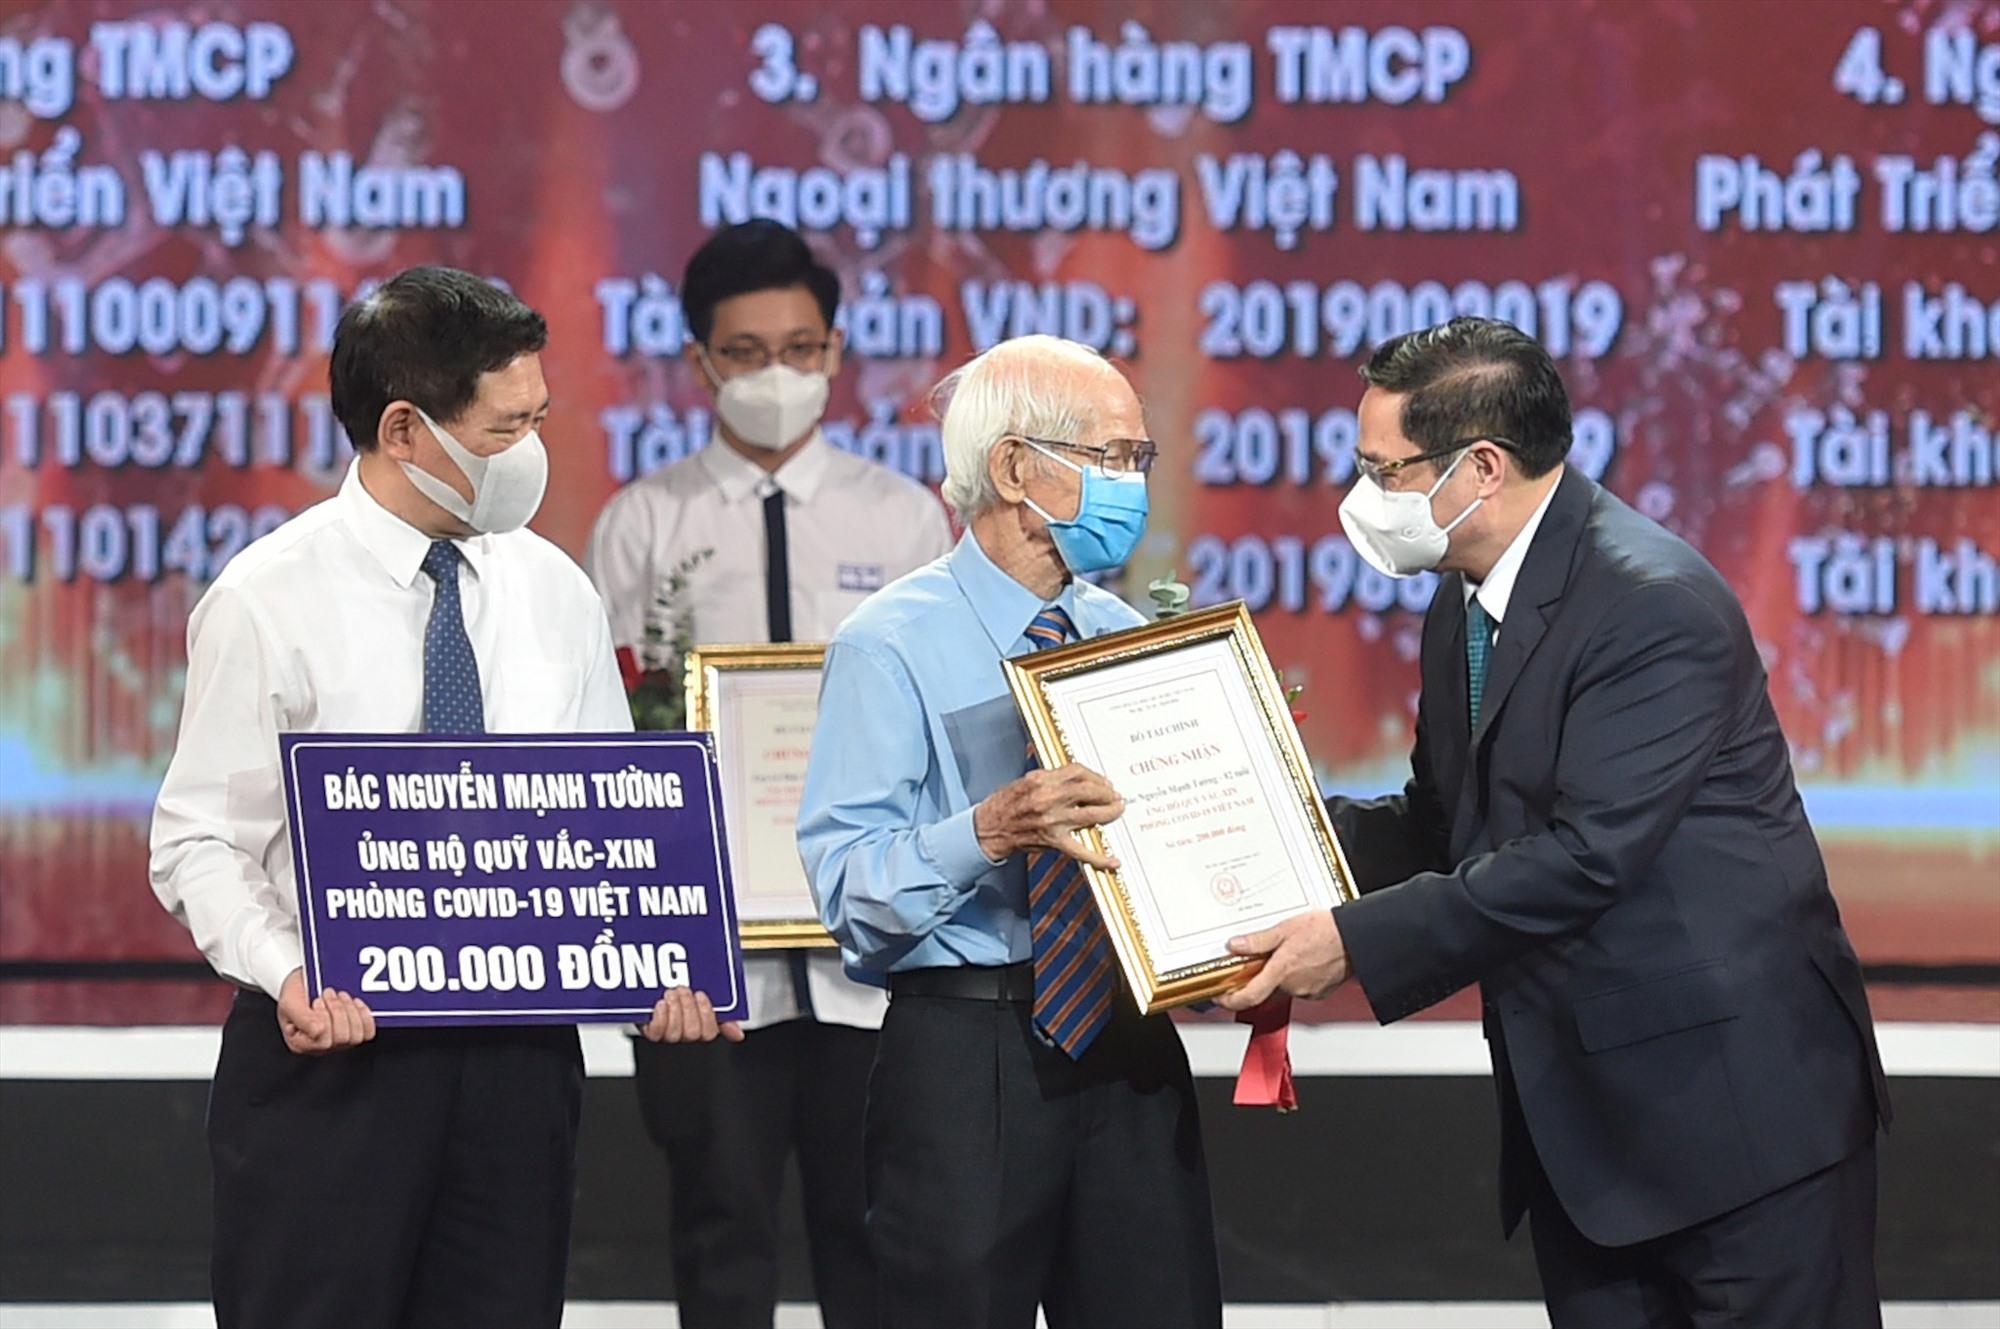 Thủ tướng Chính phủ Phạm Minh Chính trao chứng nhận, hoa cảm ơn bác Nguyễn Mạnh Tường 82 tuổi, cán bộ hưu trí ngành đường sắt. Ảnh VGP